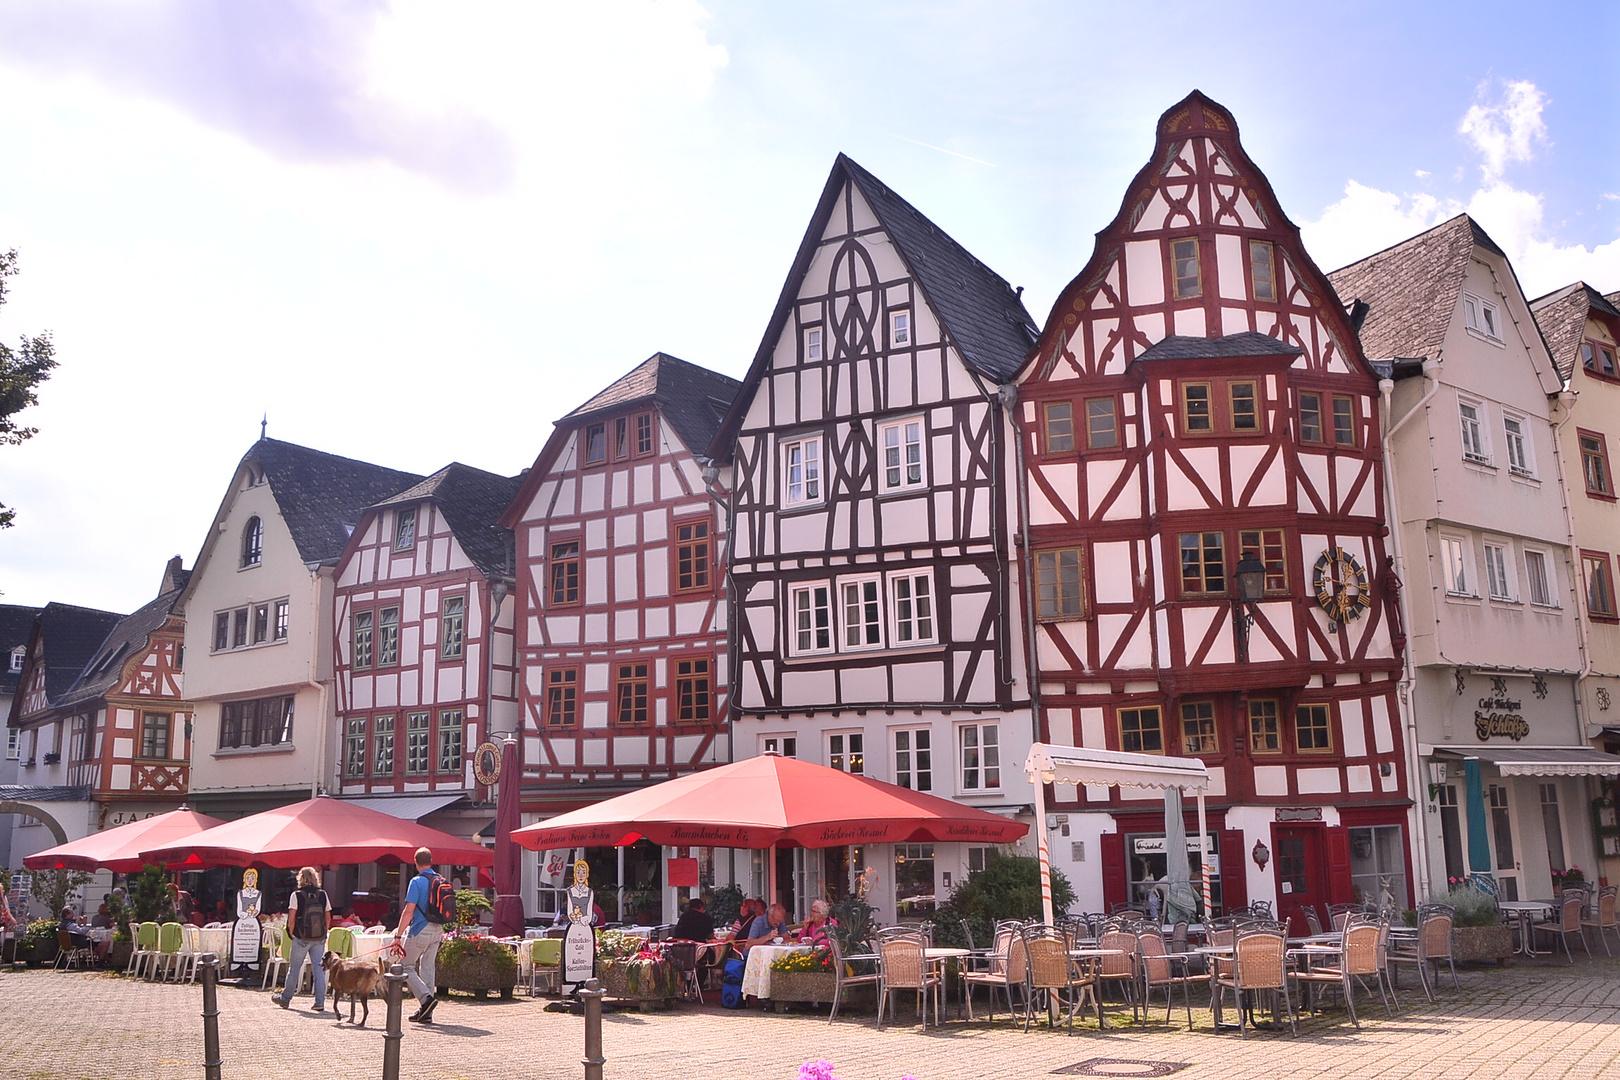 Limburg an der Lahn September 2017